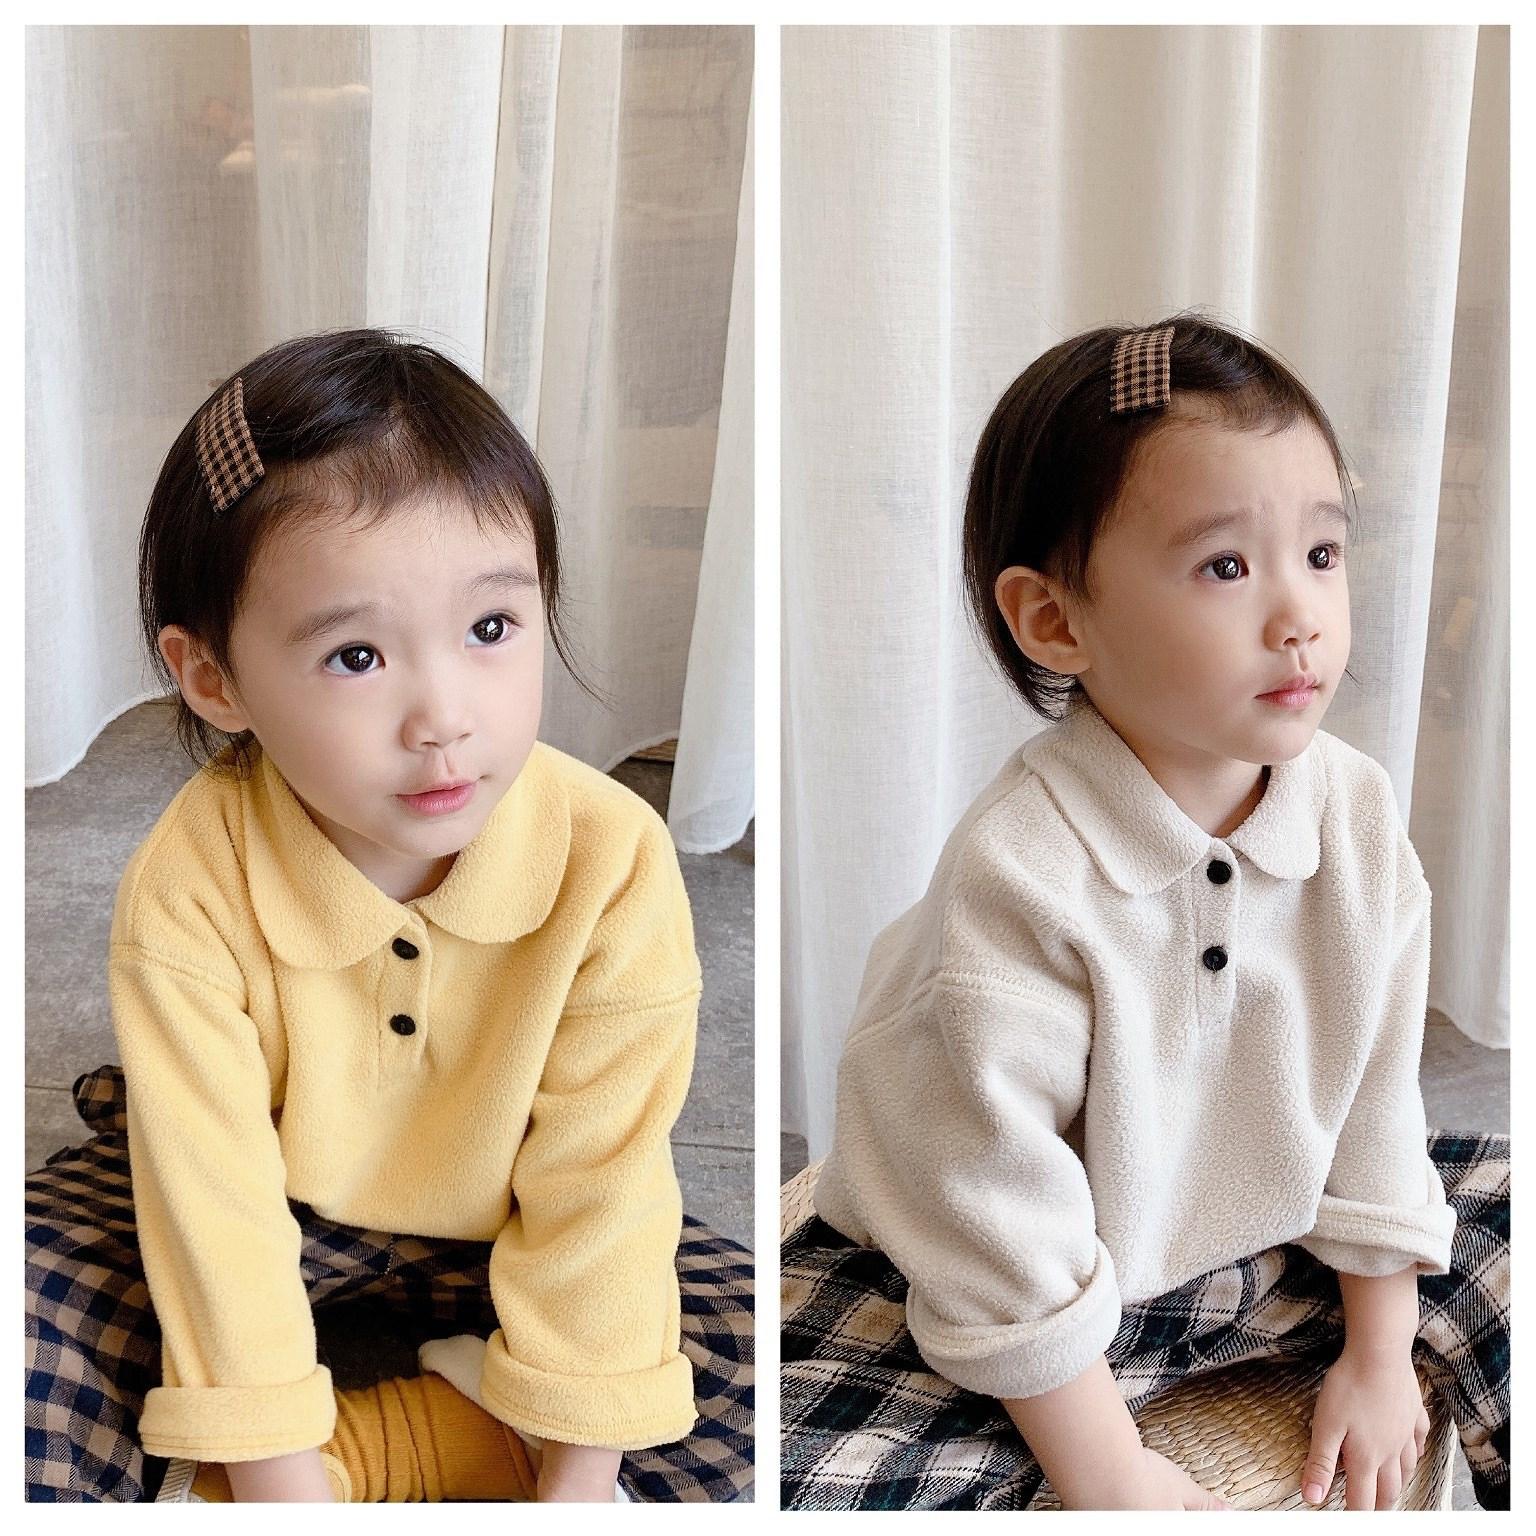 2021童装冬装新款 儿童韩版绒面衬衫女童秋装套头衬衣 20681